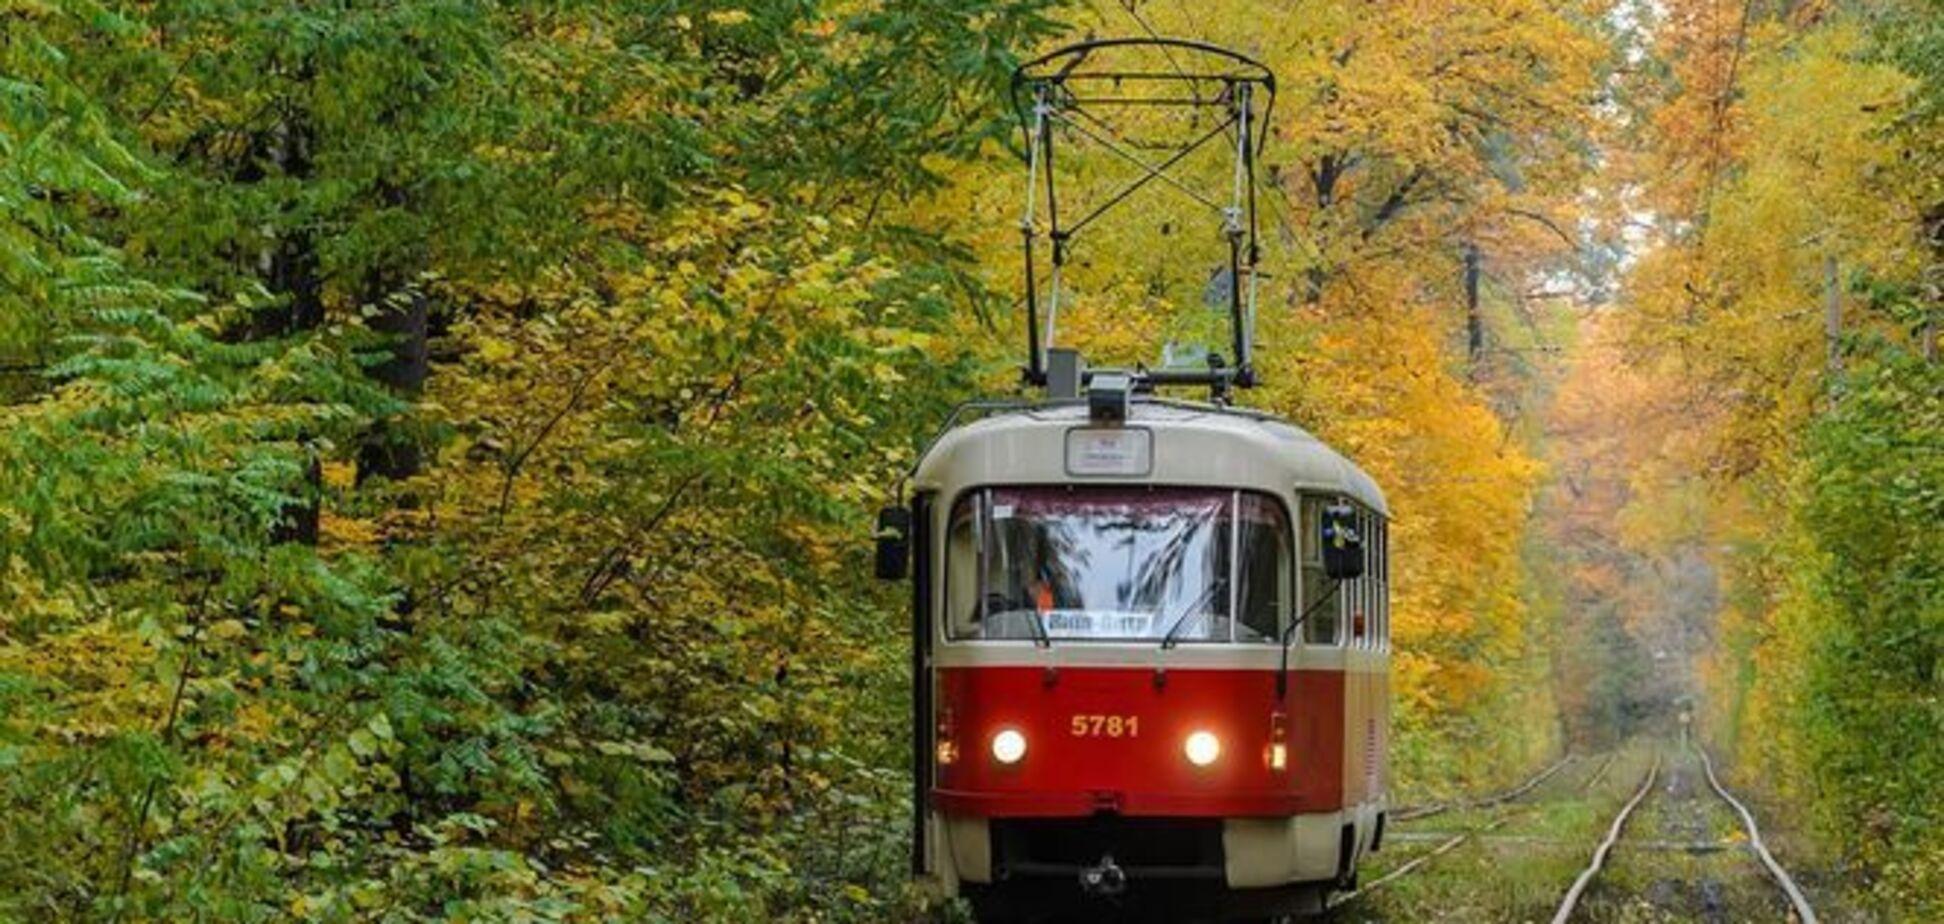 ''Це заборонено'': у легендарному українському трамваї спалахнув скандал